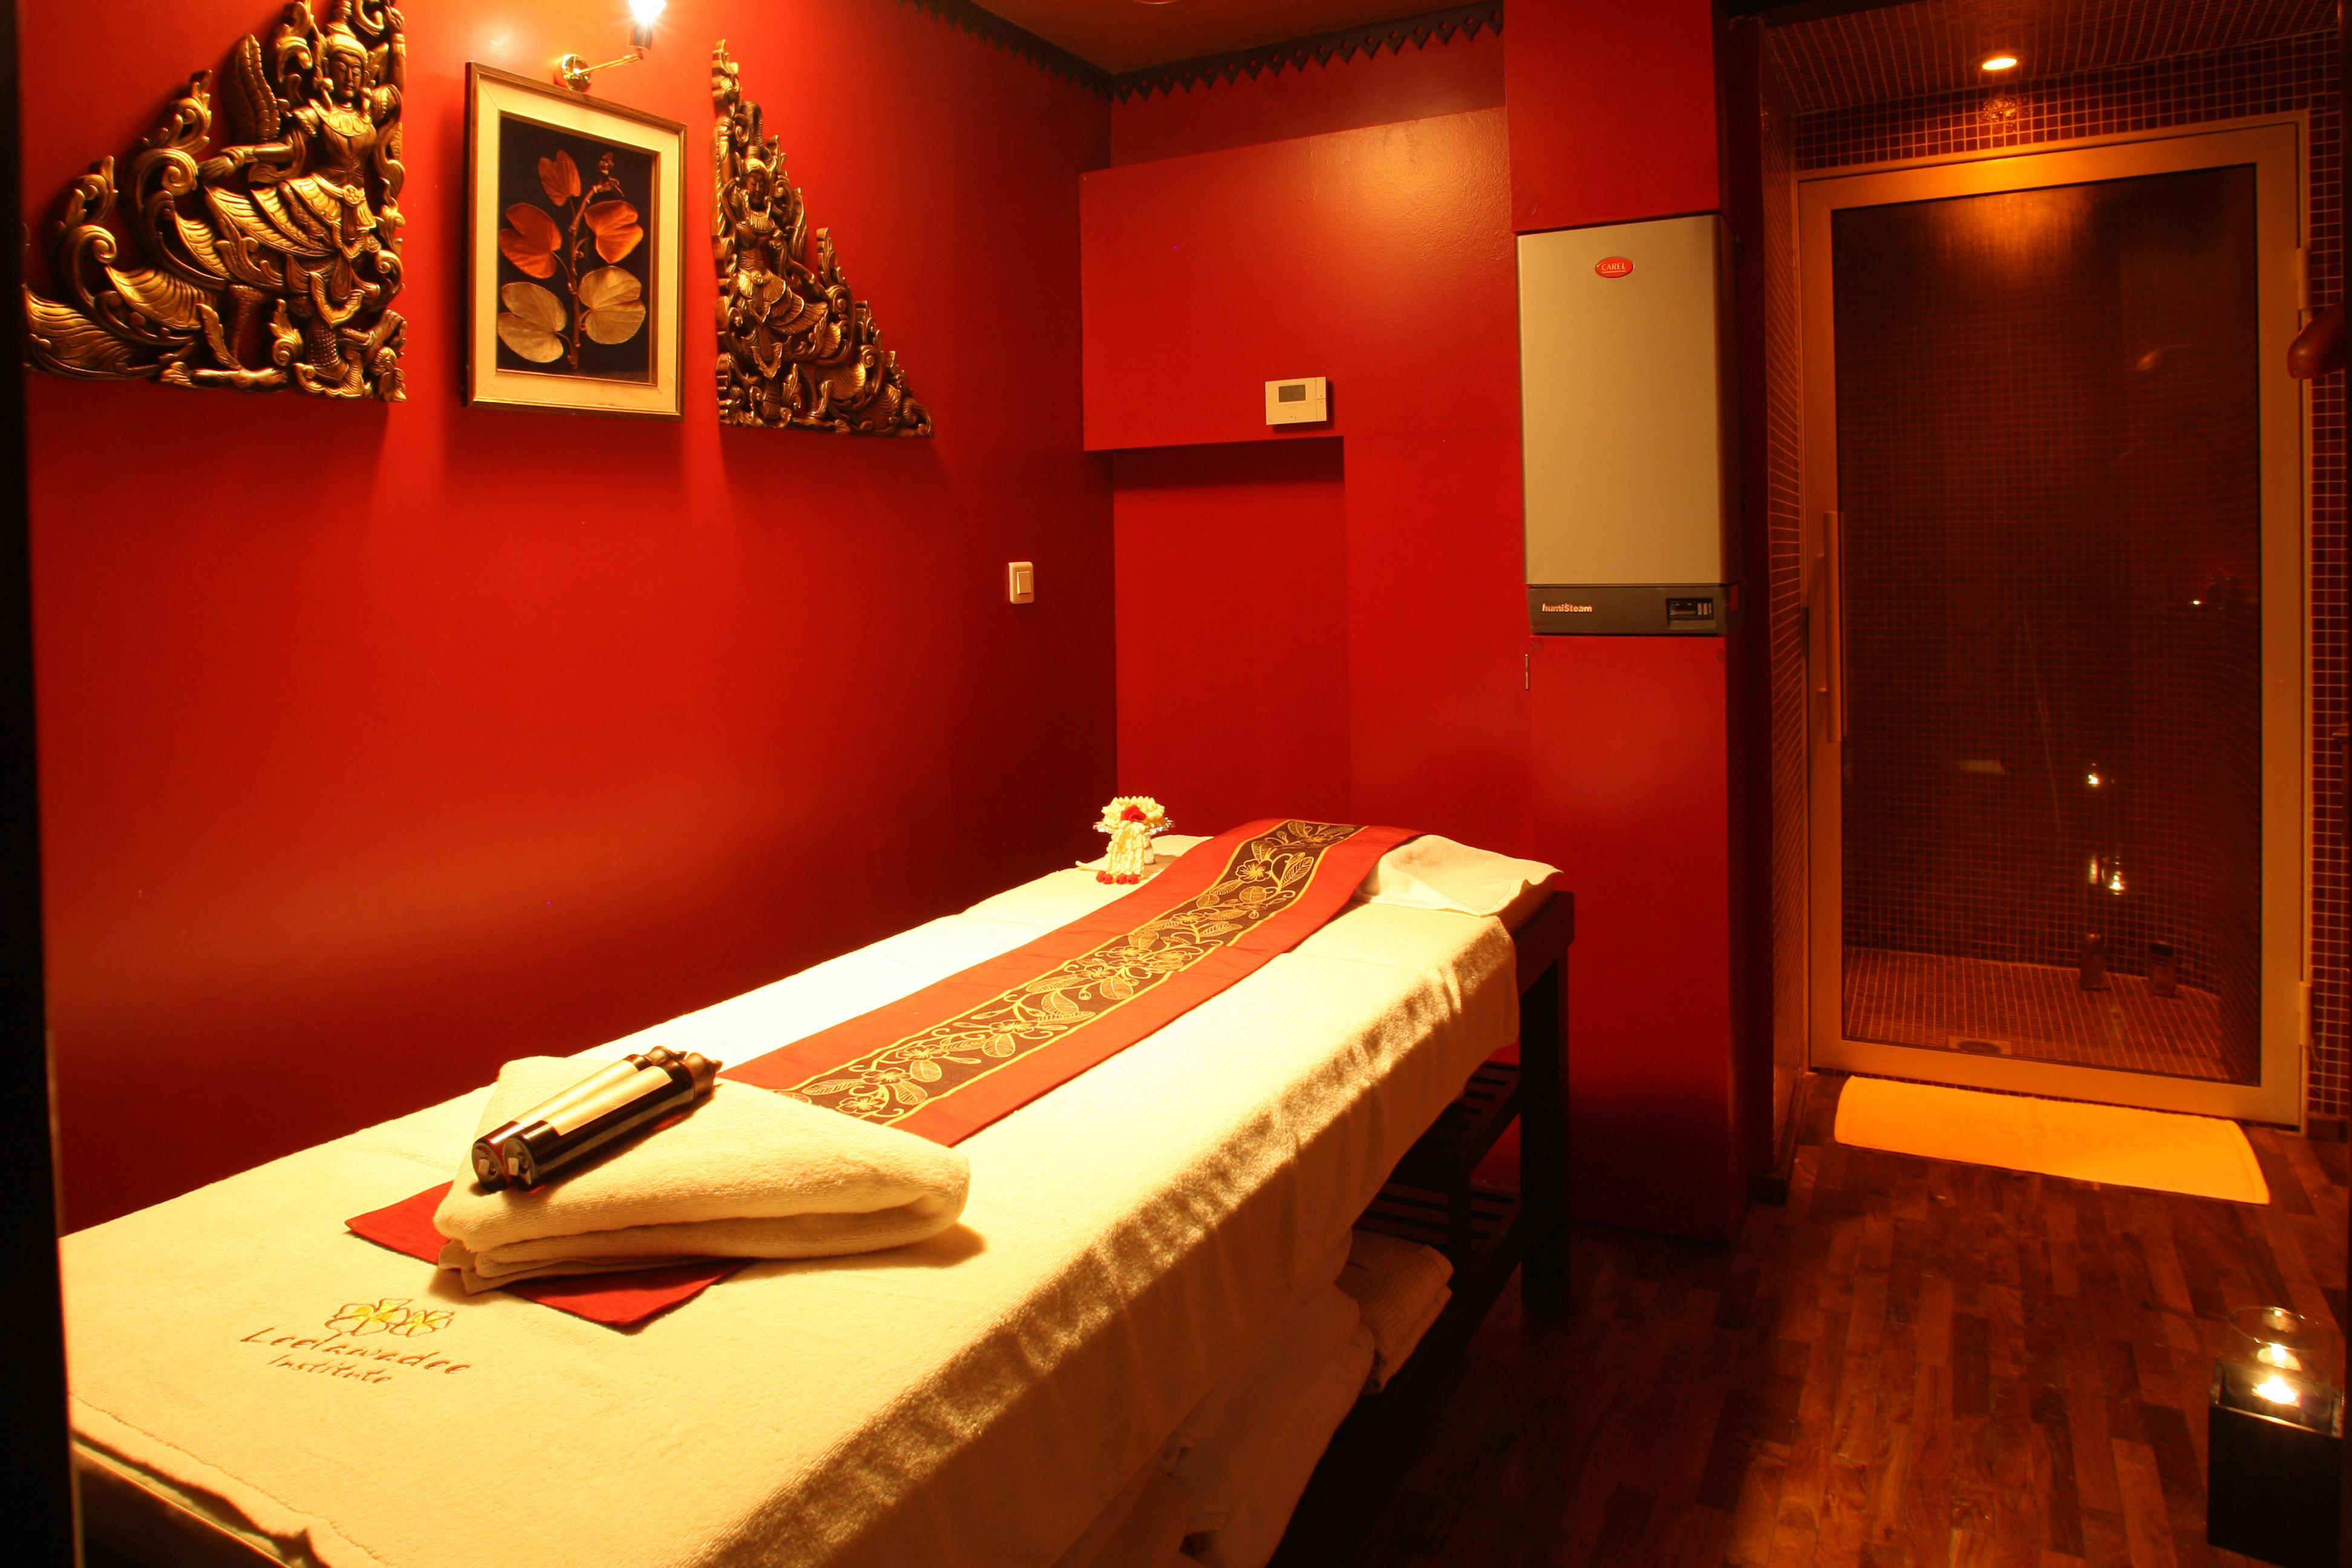 Salon de massage trans maison design - Salon de massage montpellier ...